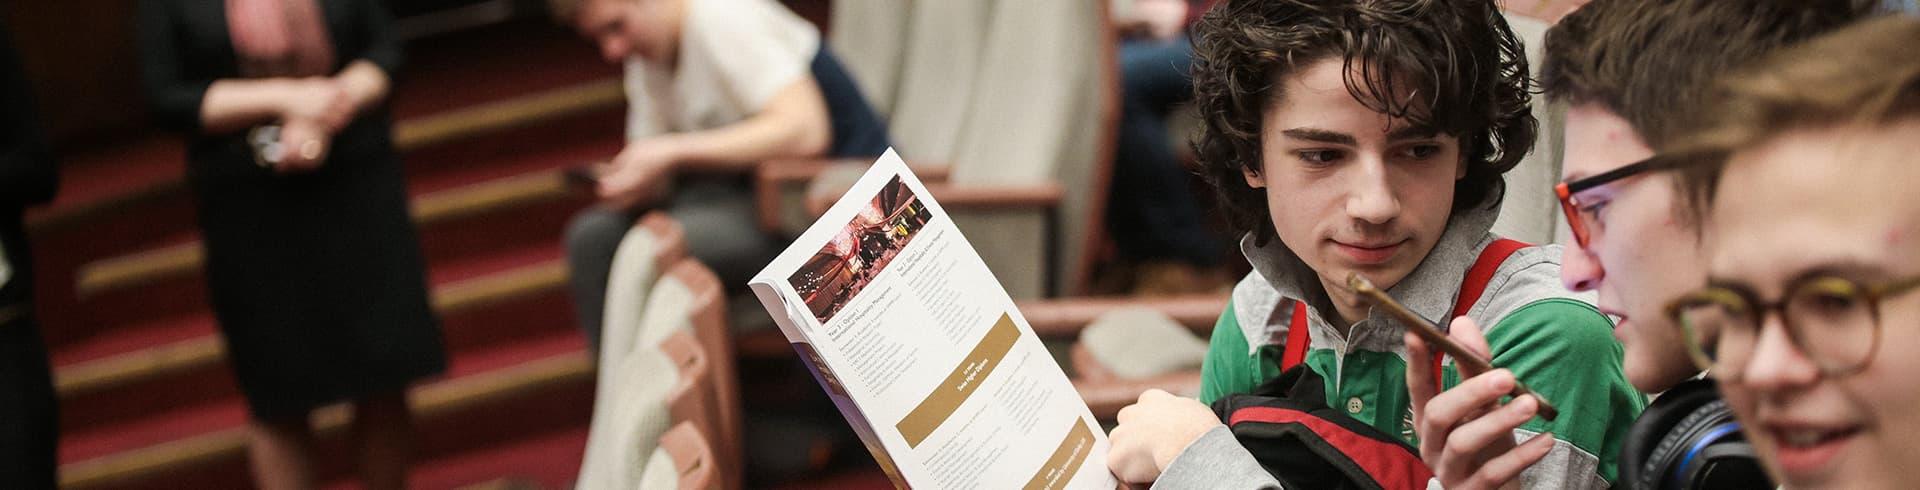 выставка подготовка к университету за рубежом msmstudy